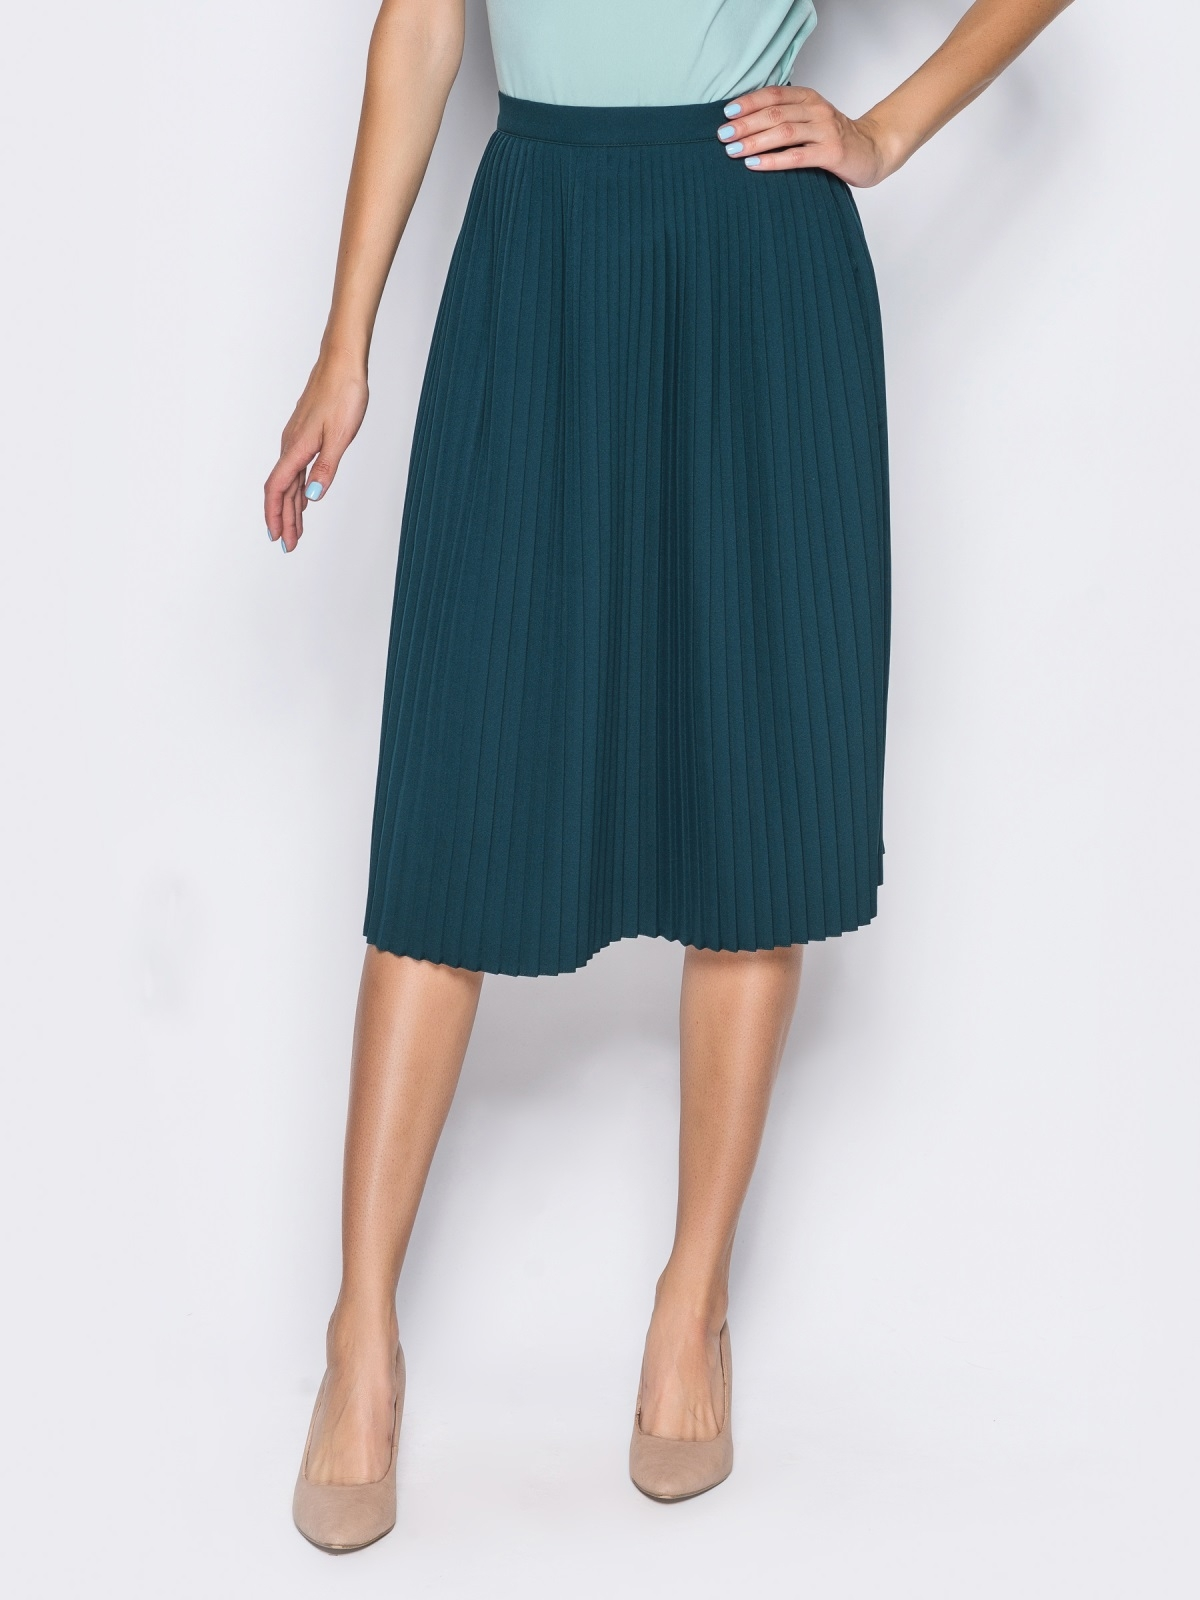 Плиссированная юбка с молнией в боковом шве зелёная - 14352, фото 2 – интернет-магазин Dressa